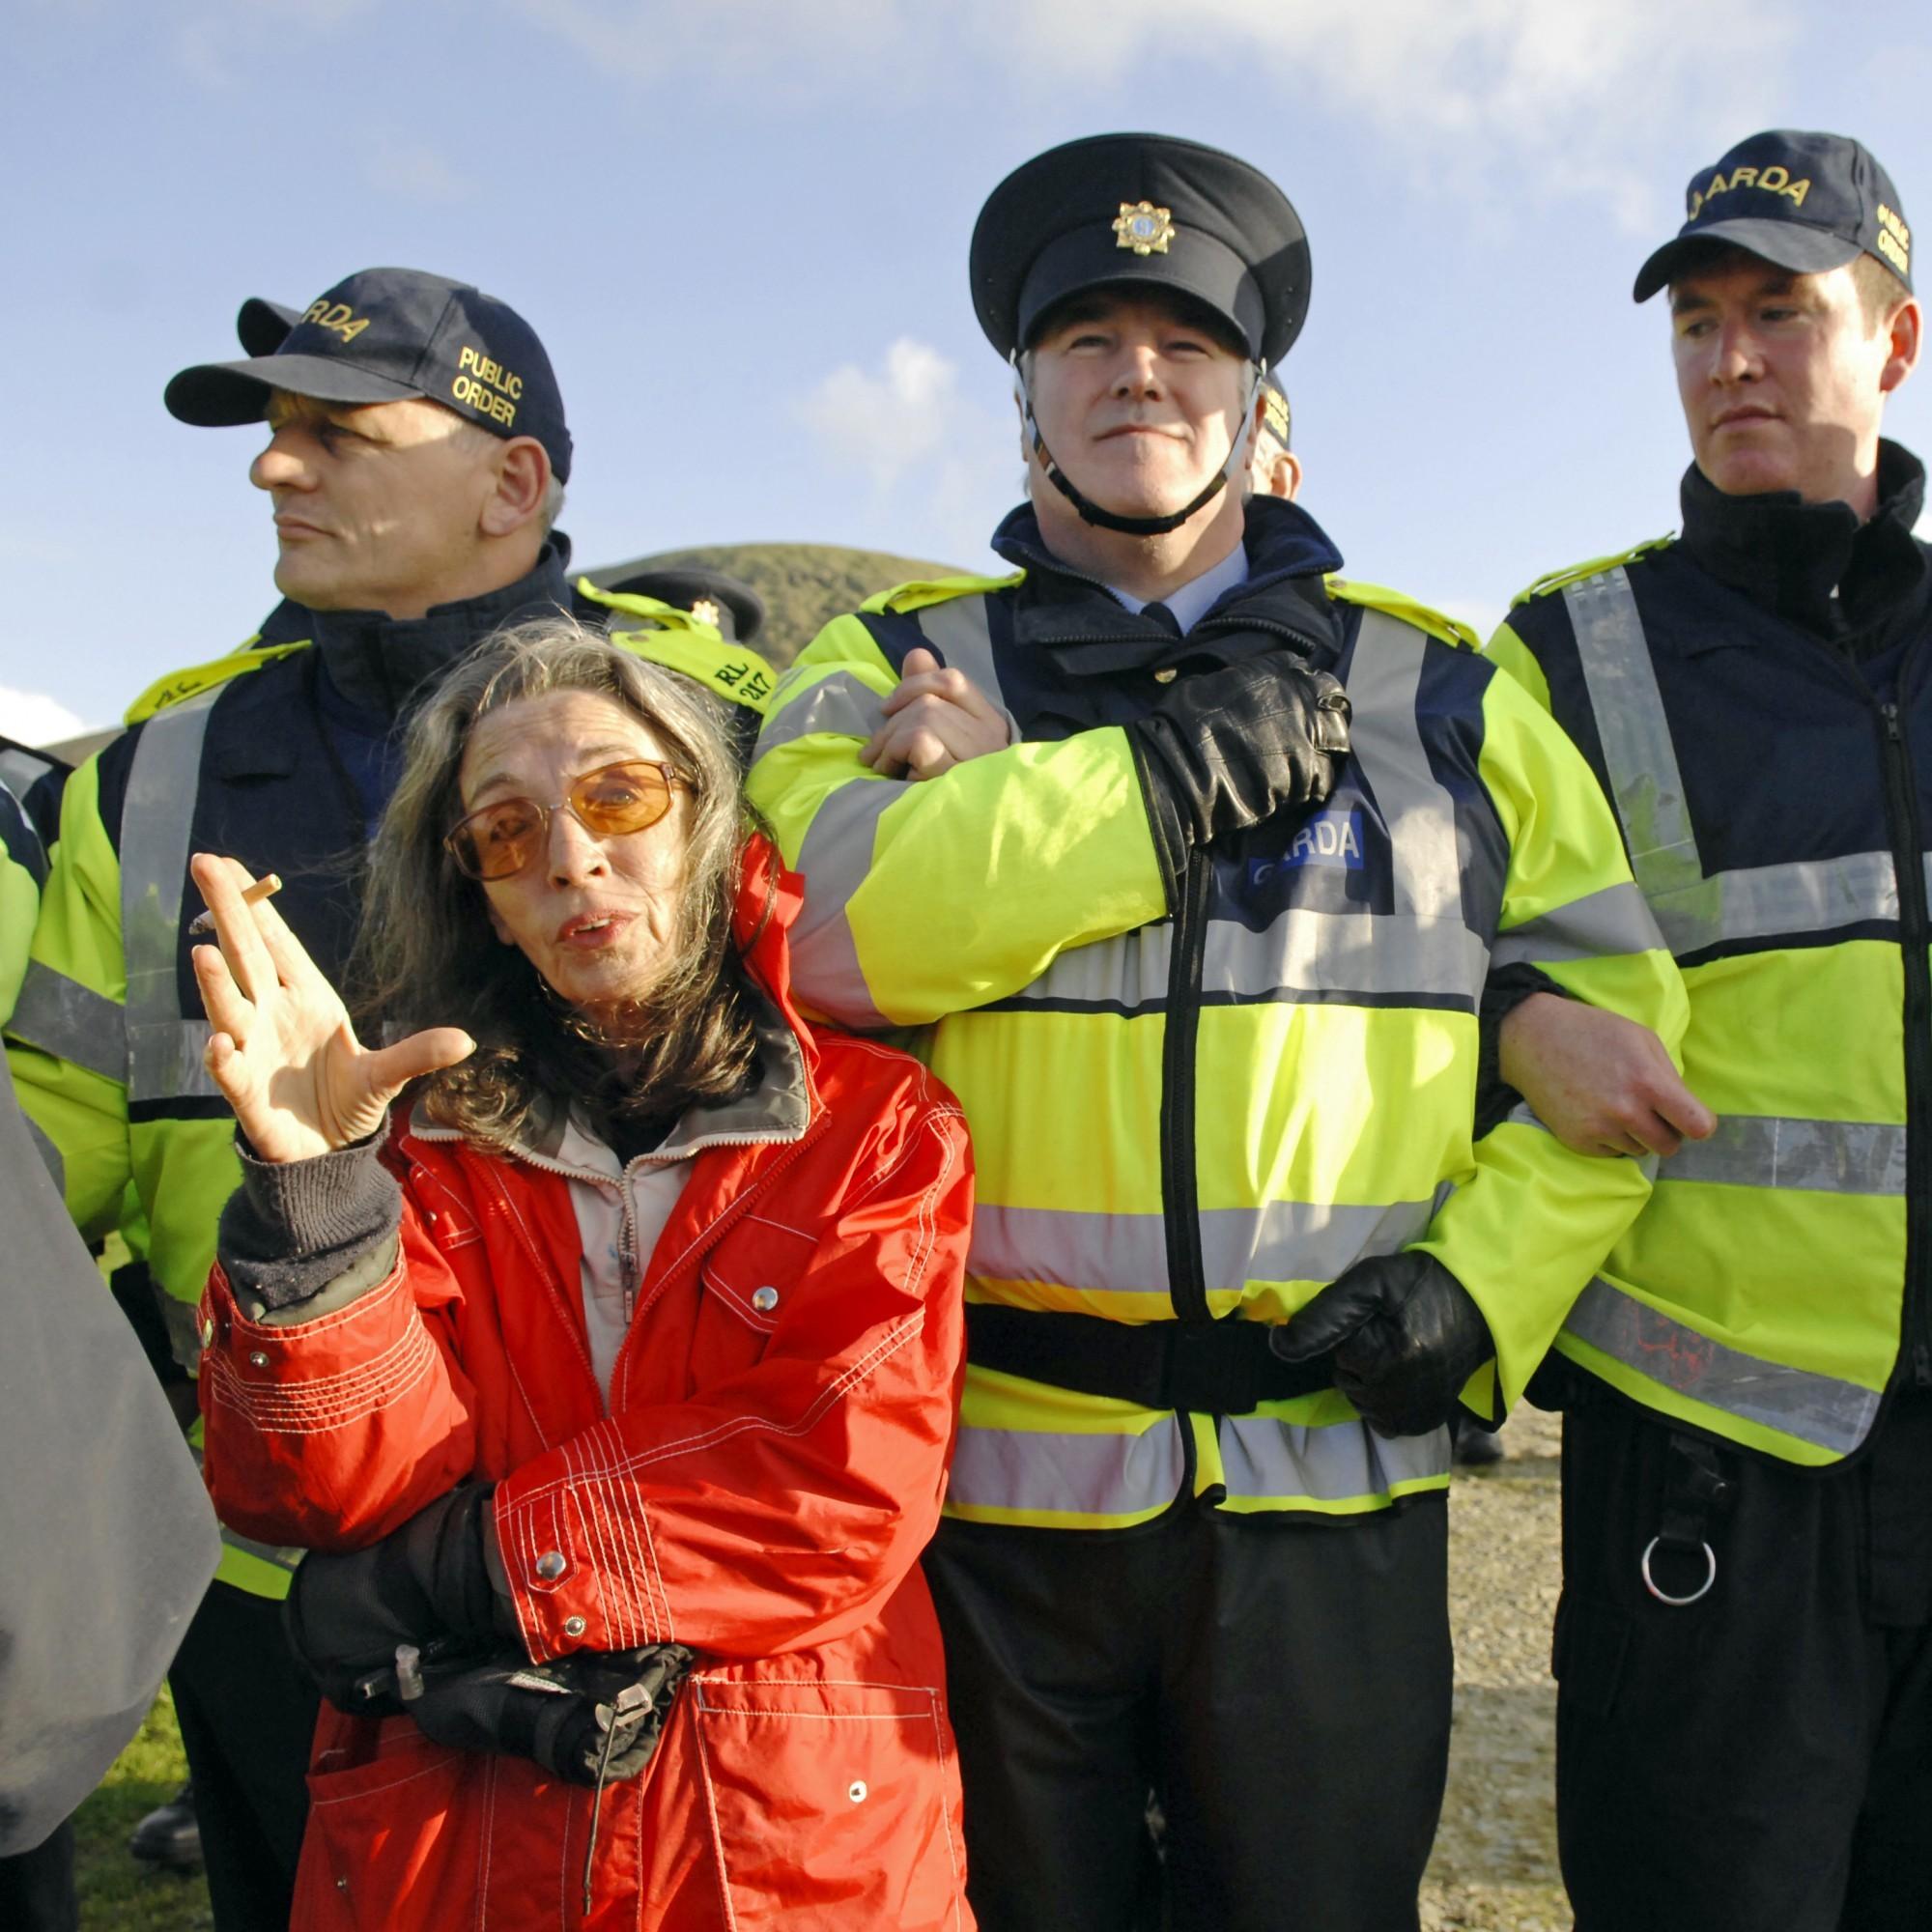 Shell to Sea activist Maura Harrington arrested in Mayo